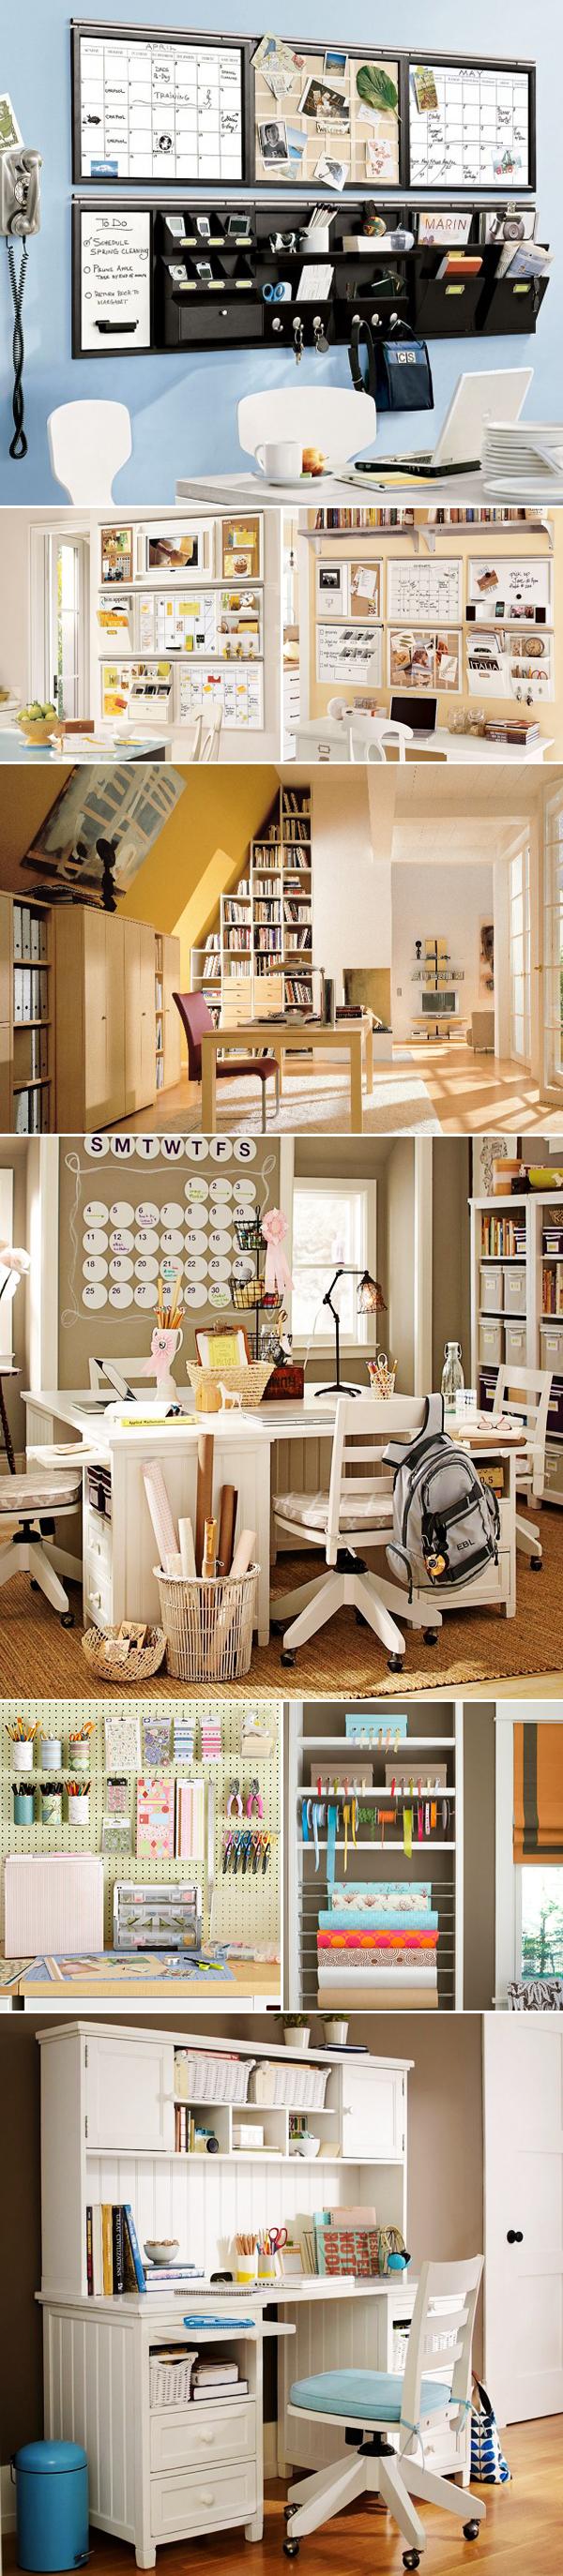 homestorage06-office